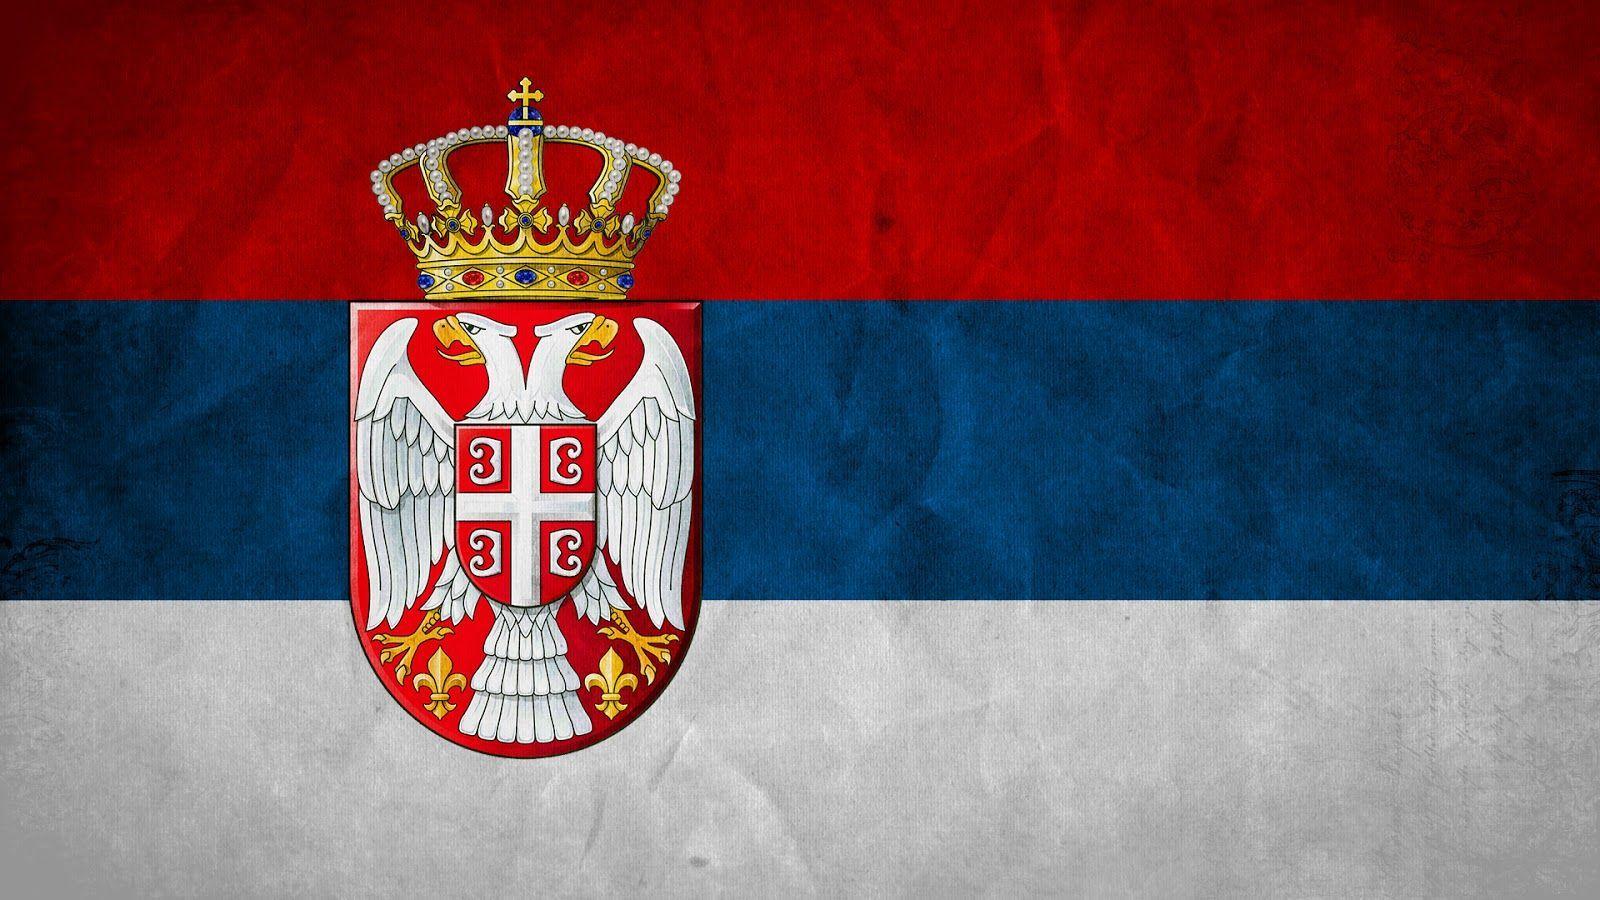 ¿Y a Serbia? ¿Apoyarías su entrada a la Unión Europea?